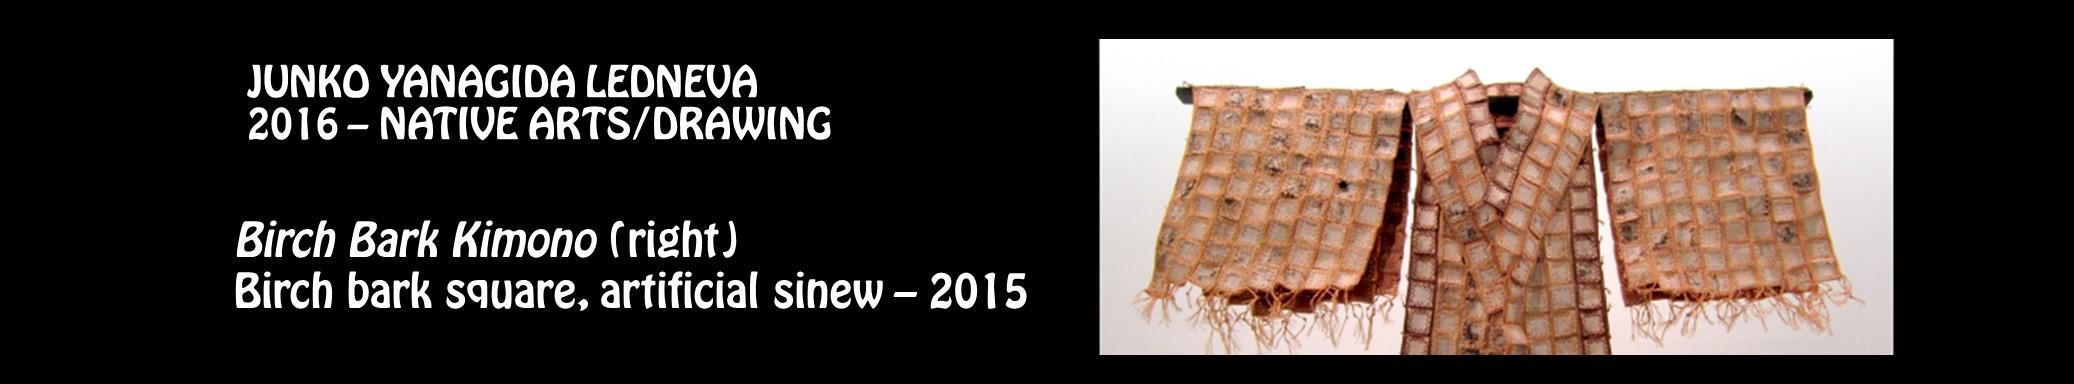 Junko Yanagida Ledneva 2016 - Native arts, drawing - Birch Bark Kimono, right - birch bark square, artificial sinew - 2015